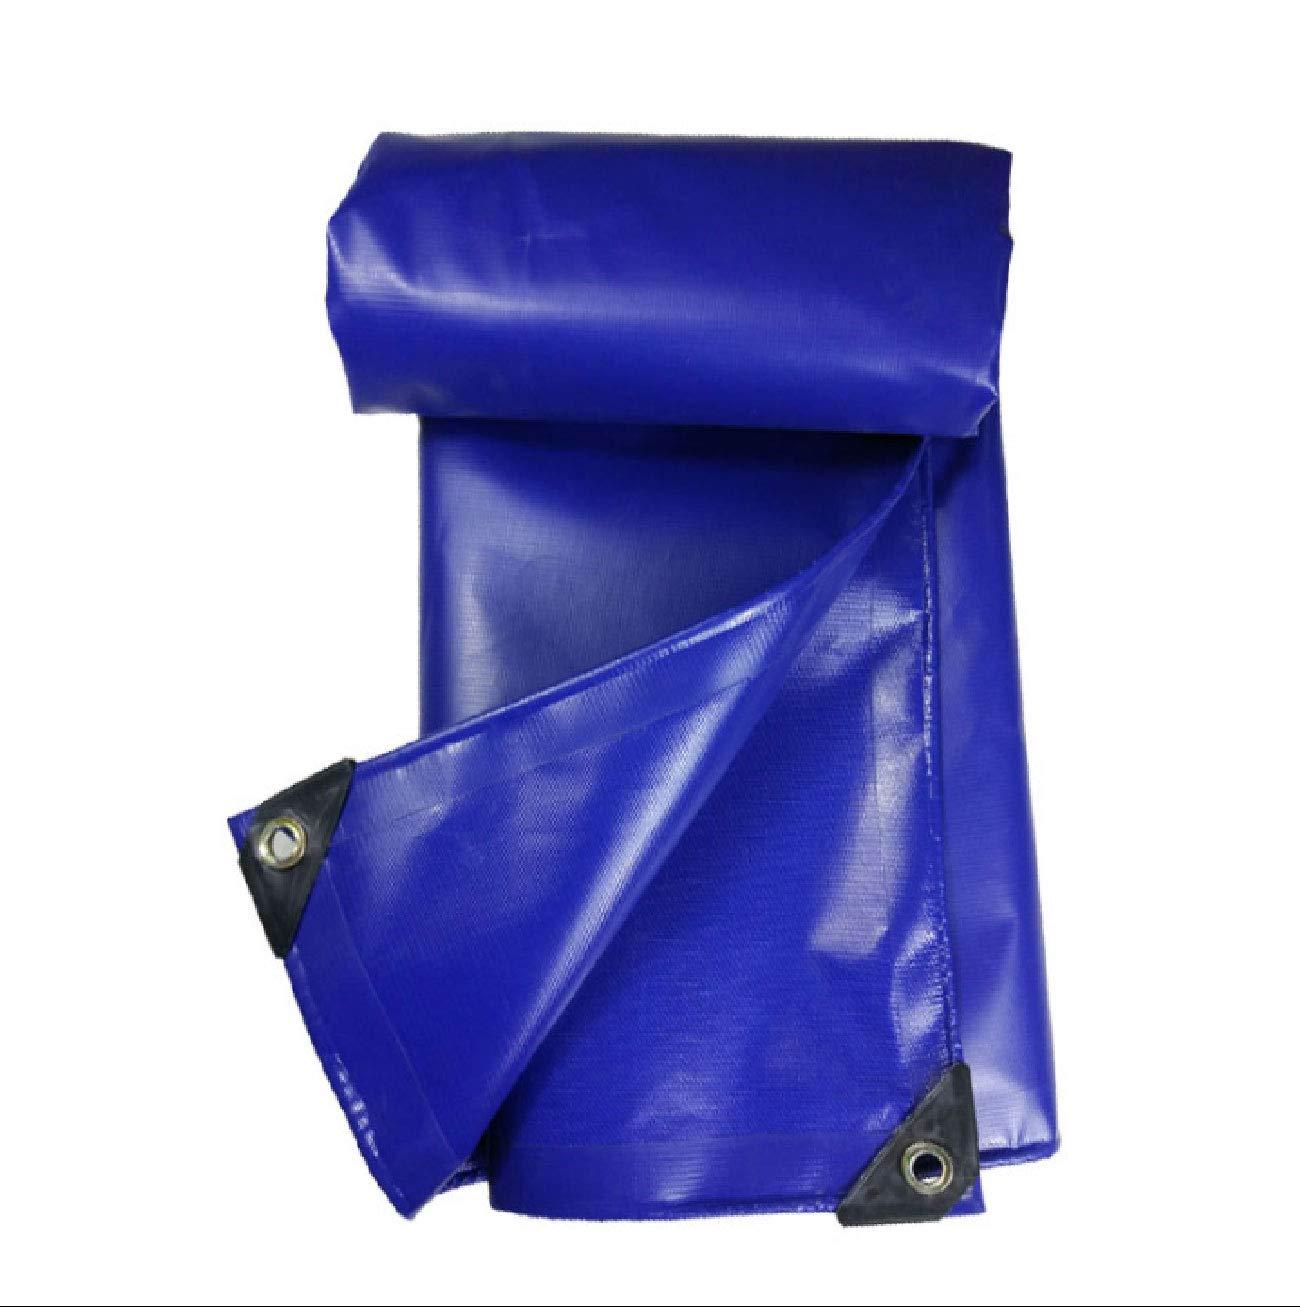 国内初の直営店 厚いトラックのターポリンのクレーププラスチックの防雨の雨布の色のストリップの布のレインコートの防水シート日焼け止め防水シート (サイズ 2*3m 3m) (サイズ さいず : 2* 3m) 2*3m B07JG6WWTH, 天間林村:42f96bdc --- arianechie.dominiotemporario.com